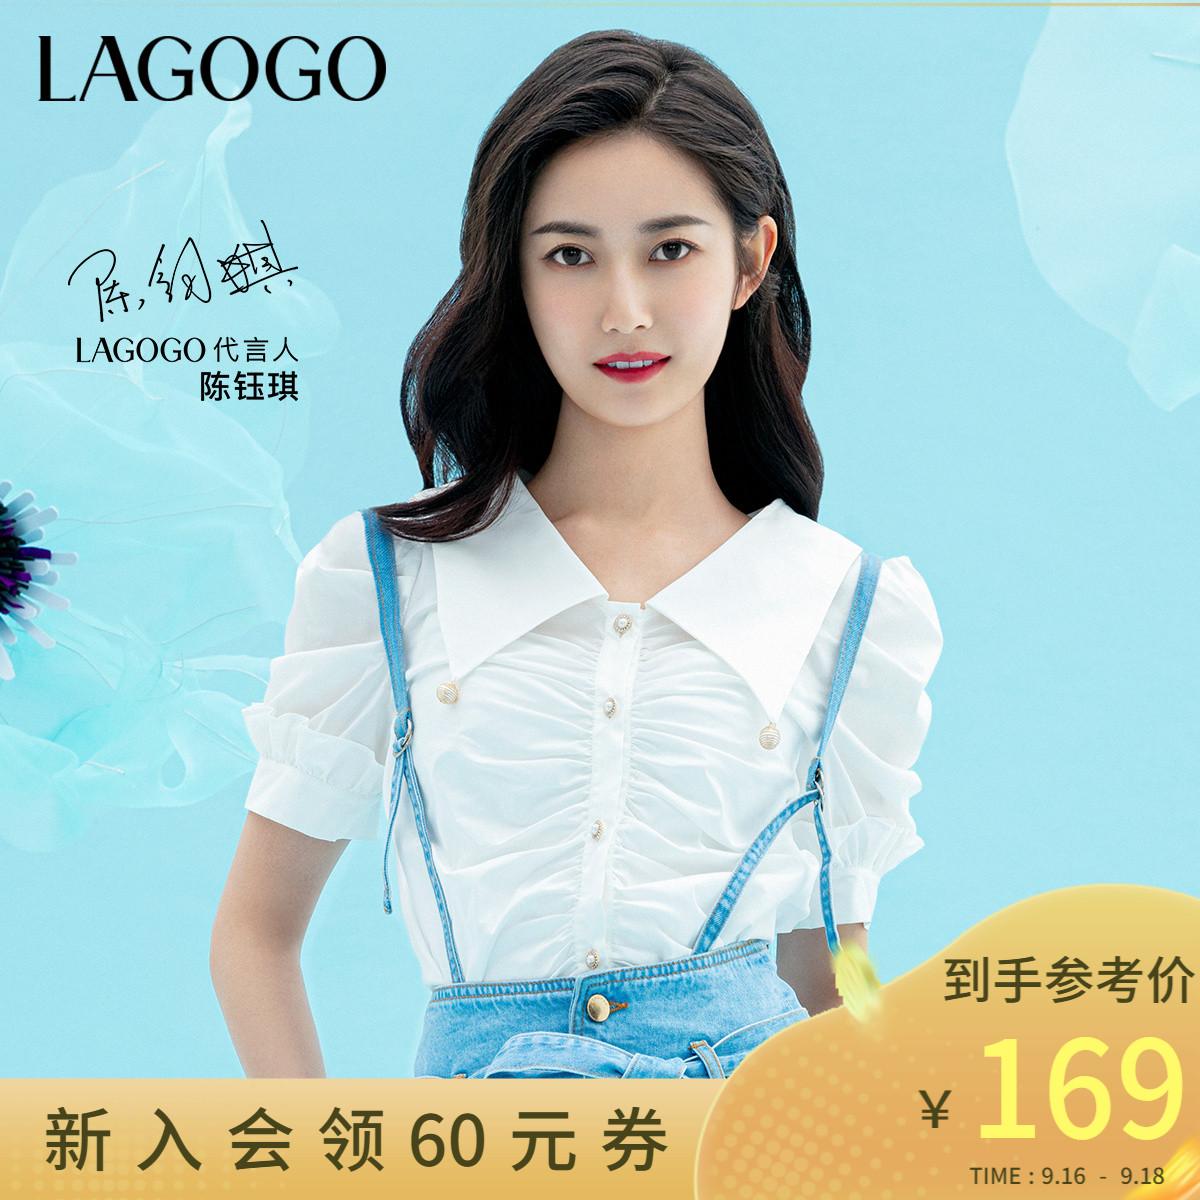 【陈钰琪同款】Lagogo拉谷谷2021年夏季新款翻领淑女上衣女泡泡袖